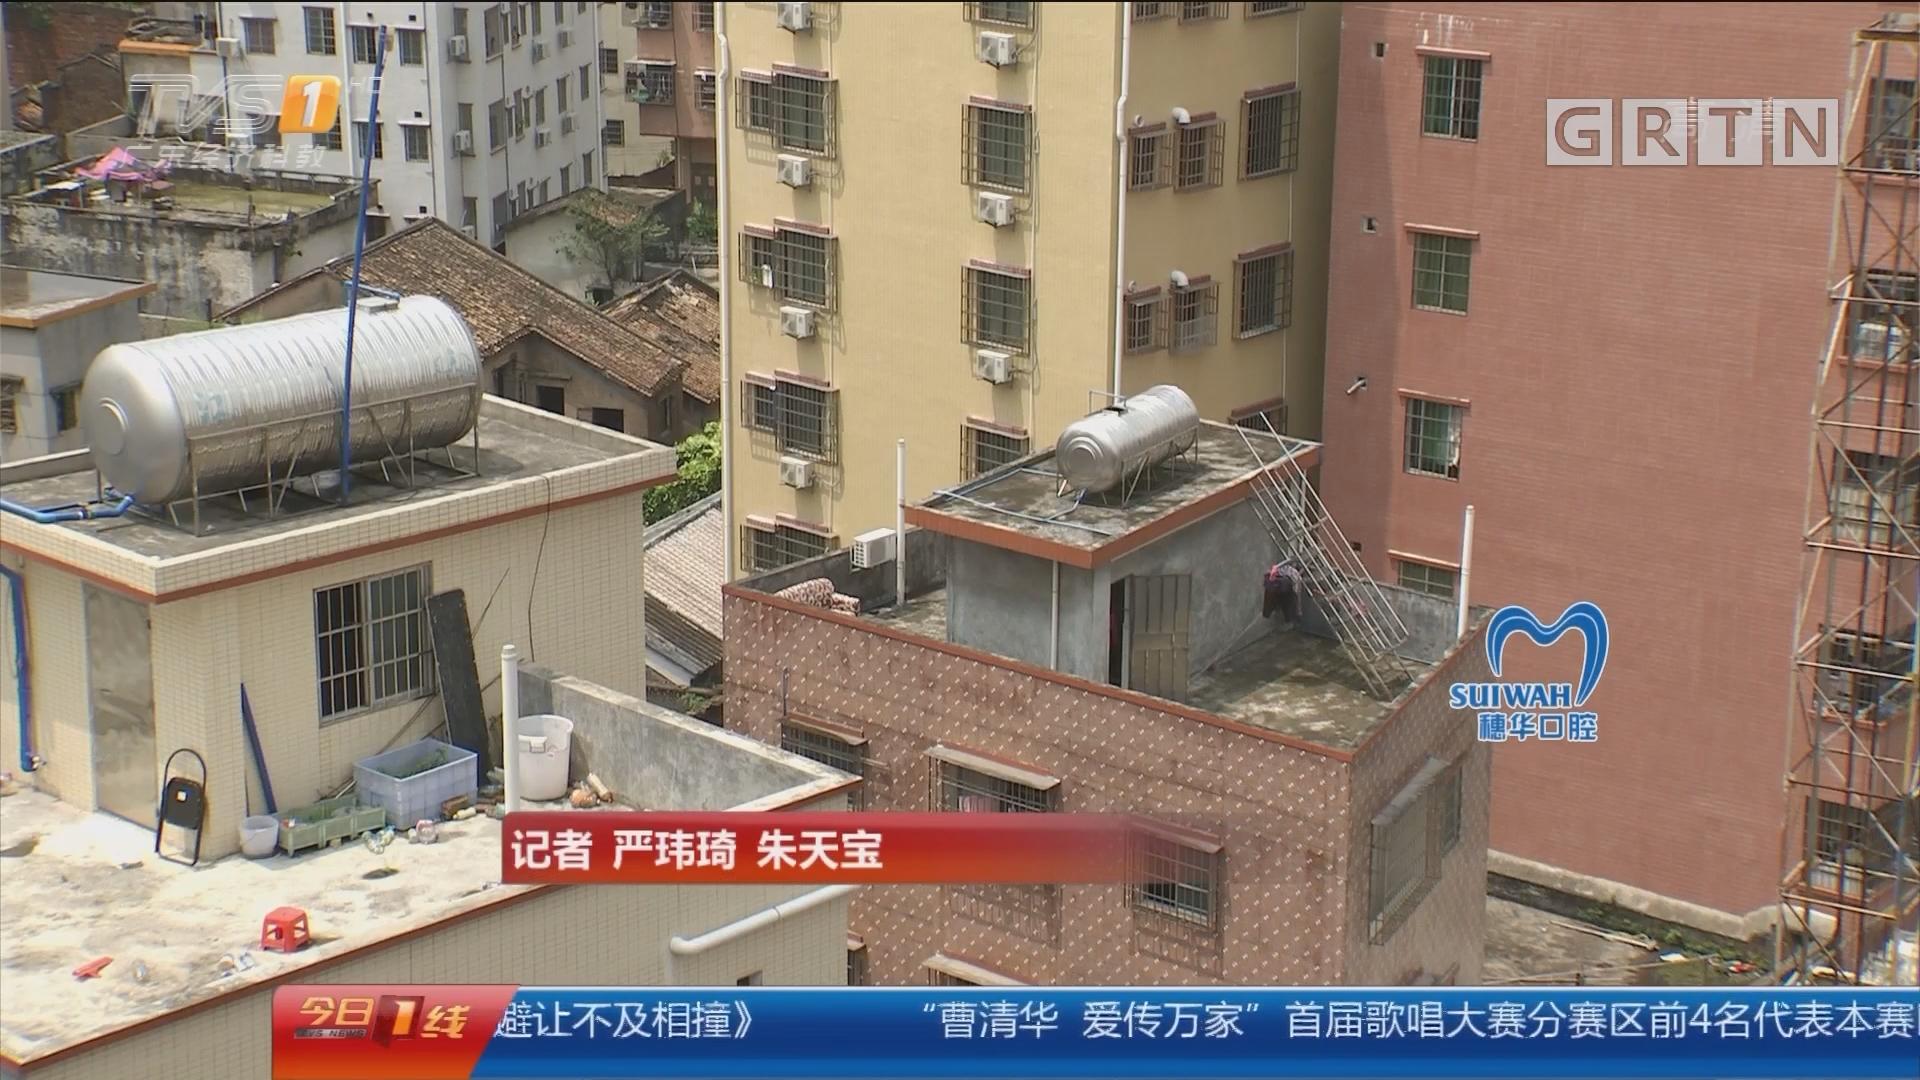 儿童暑期安全:广州 太惊险!3熊孩子五层天台玩耍